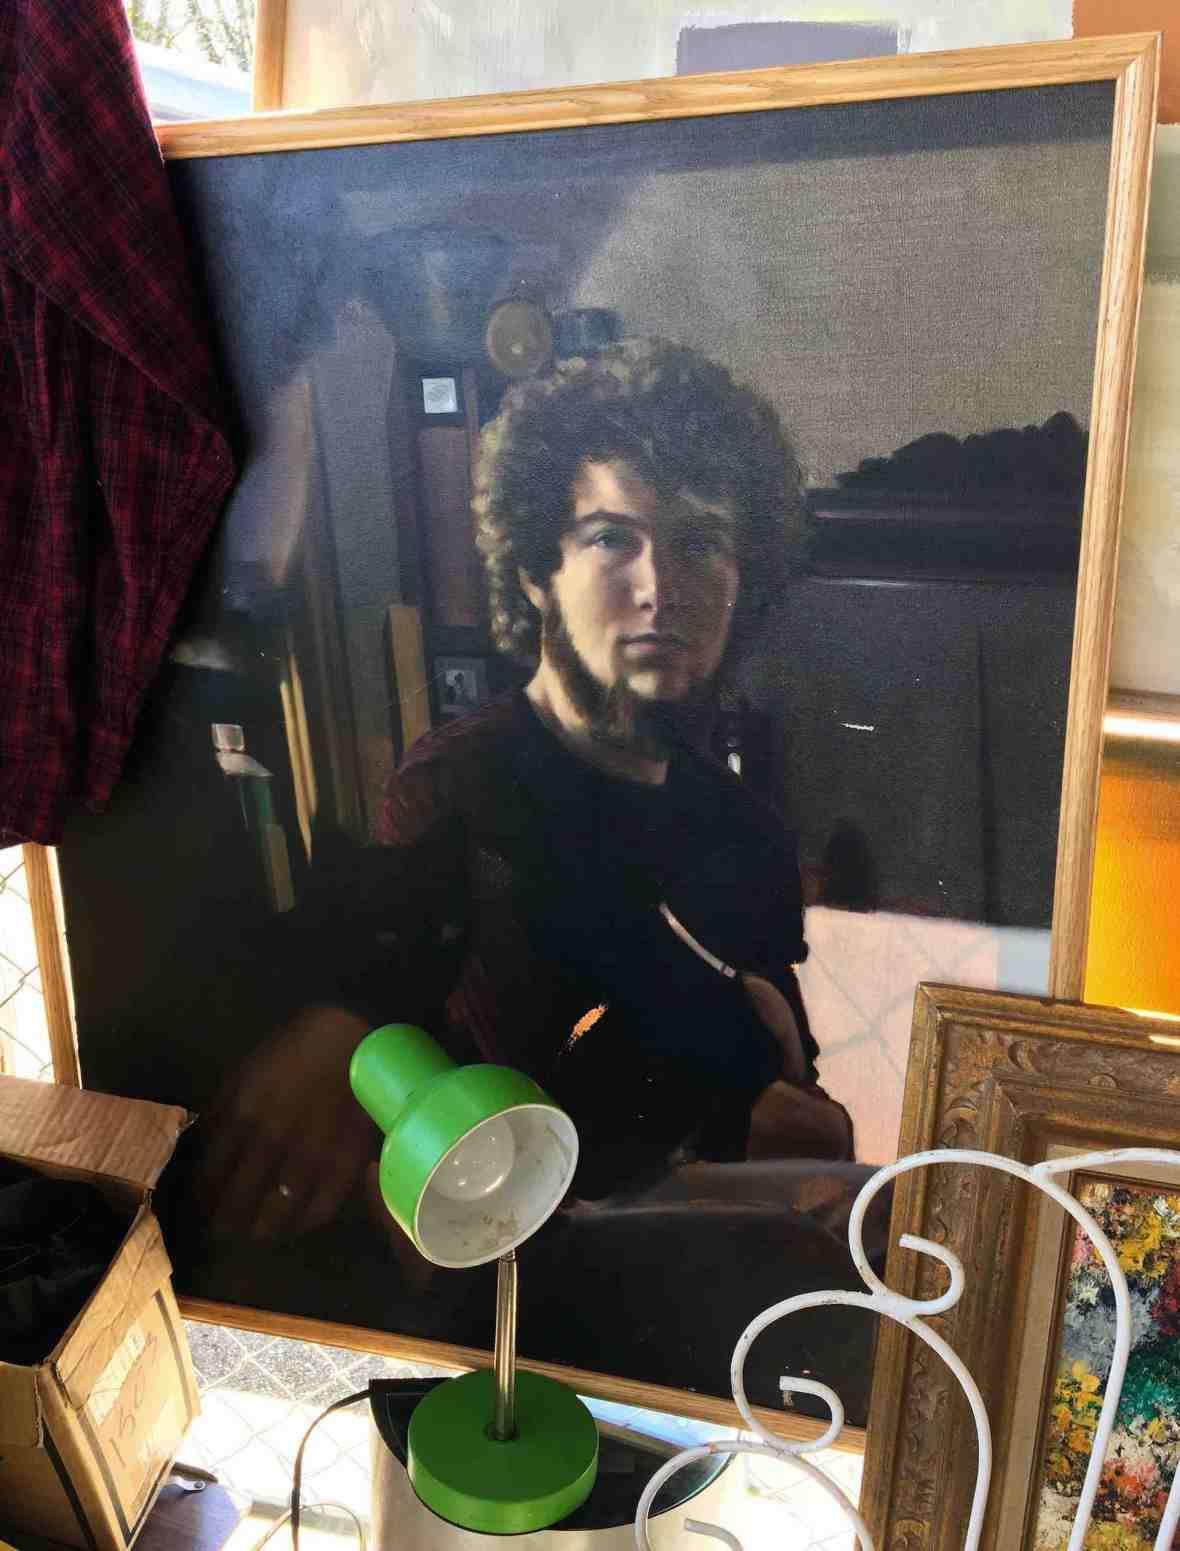 70's Self portrait painting at Nashville Flea Market